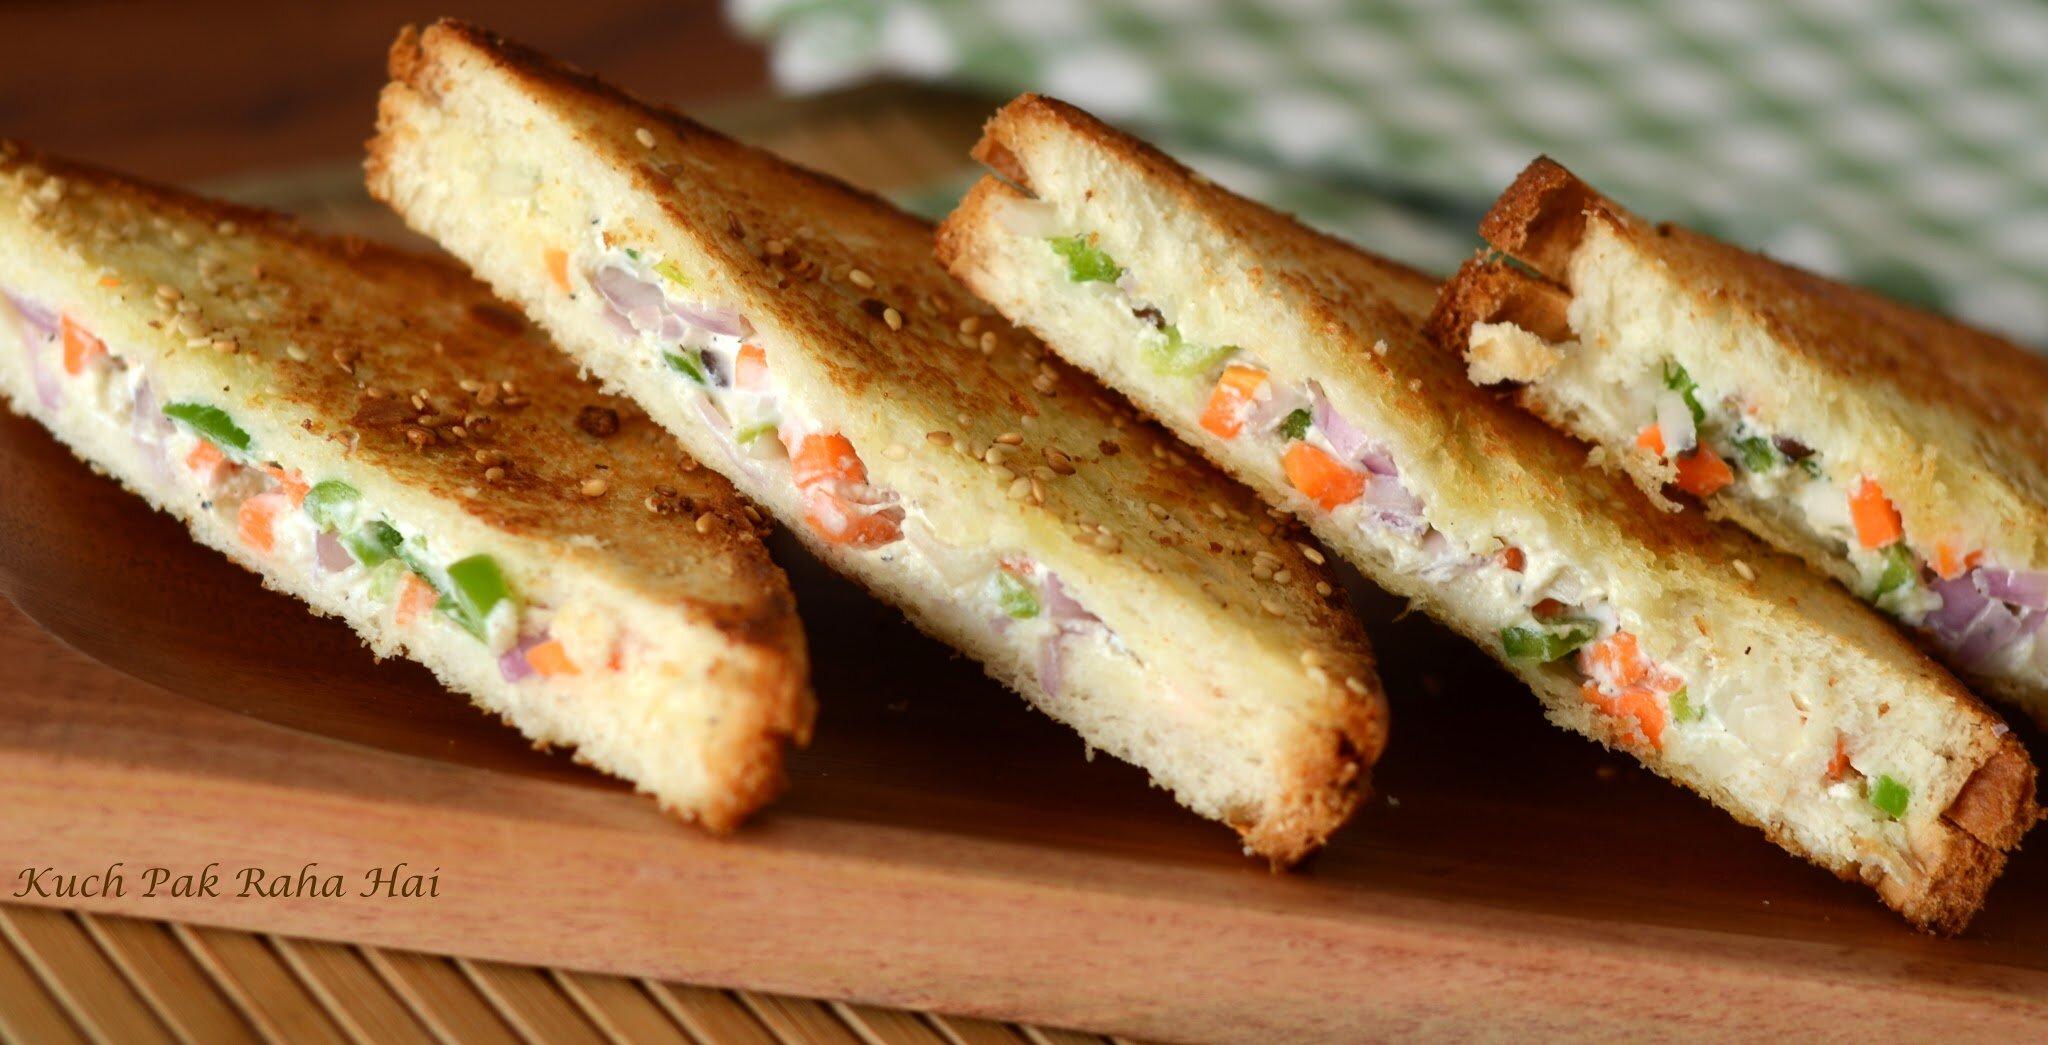 Curd Sandwich recipe Yoghurt Sandwich made with hung curd